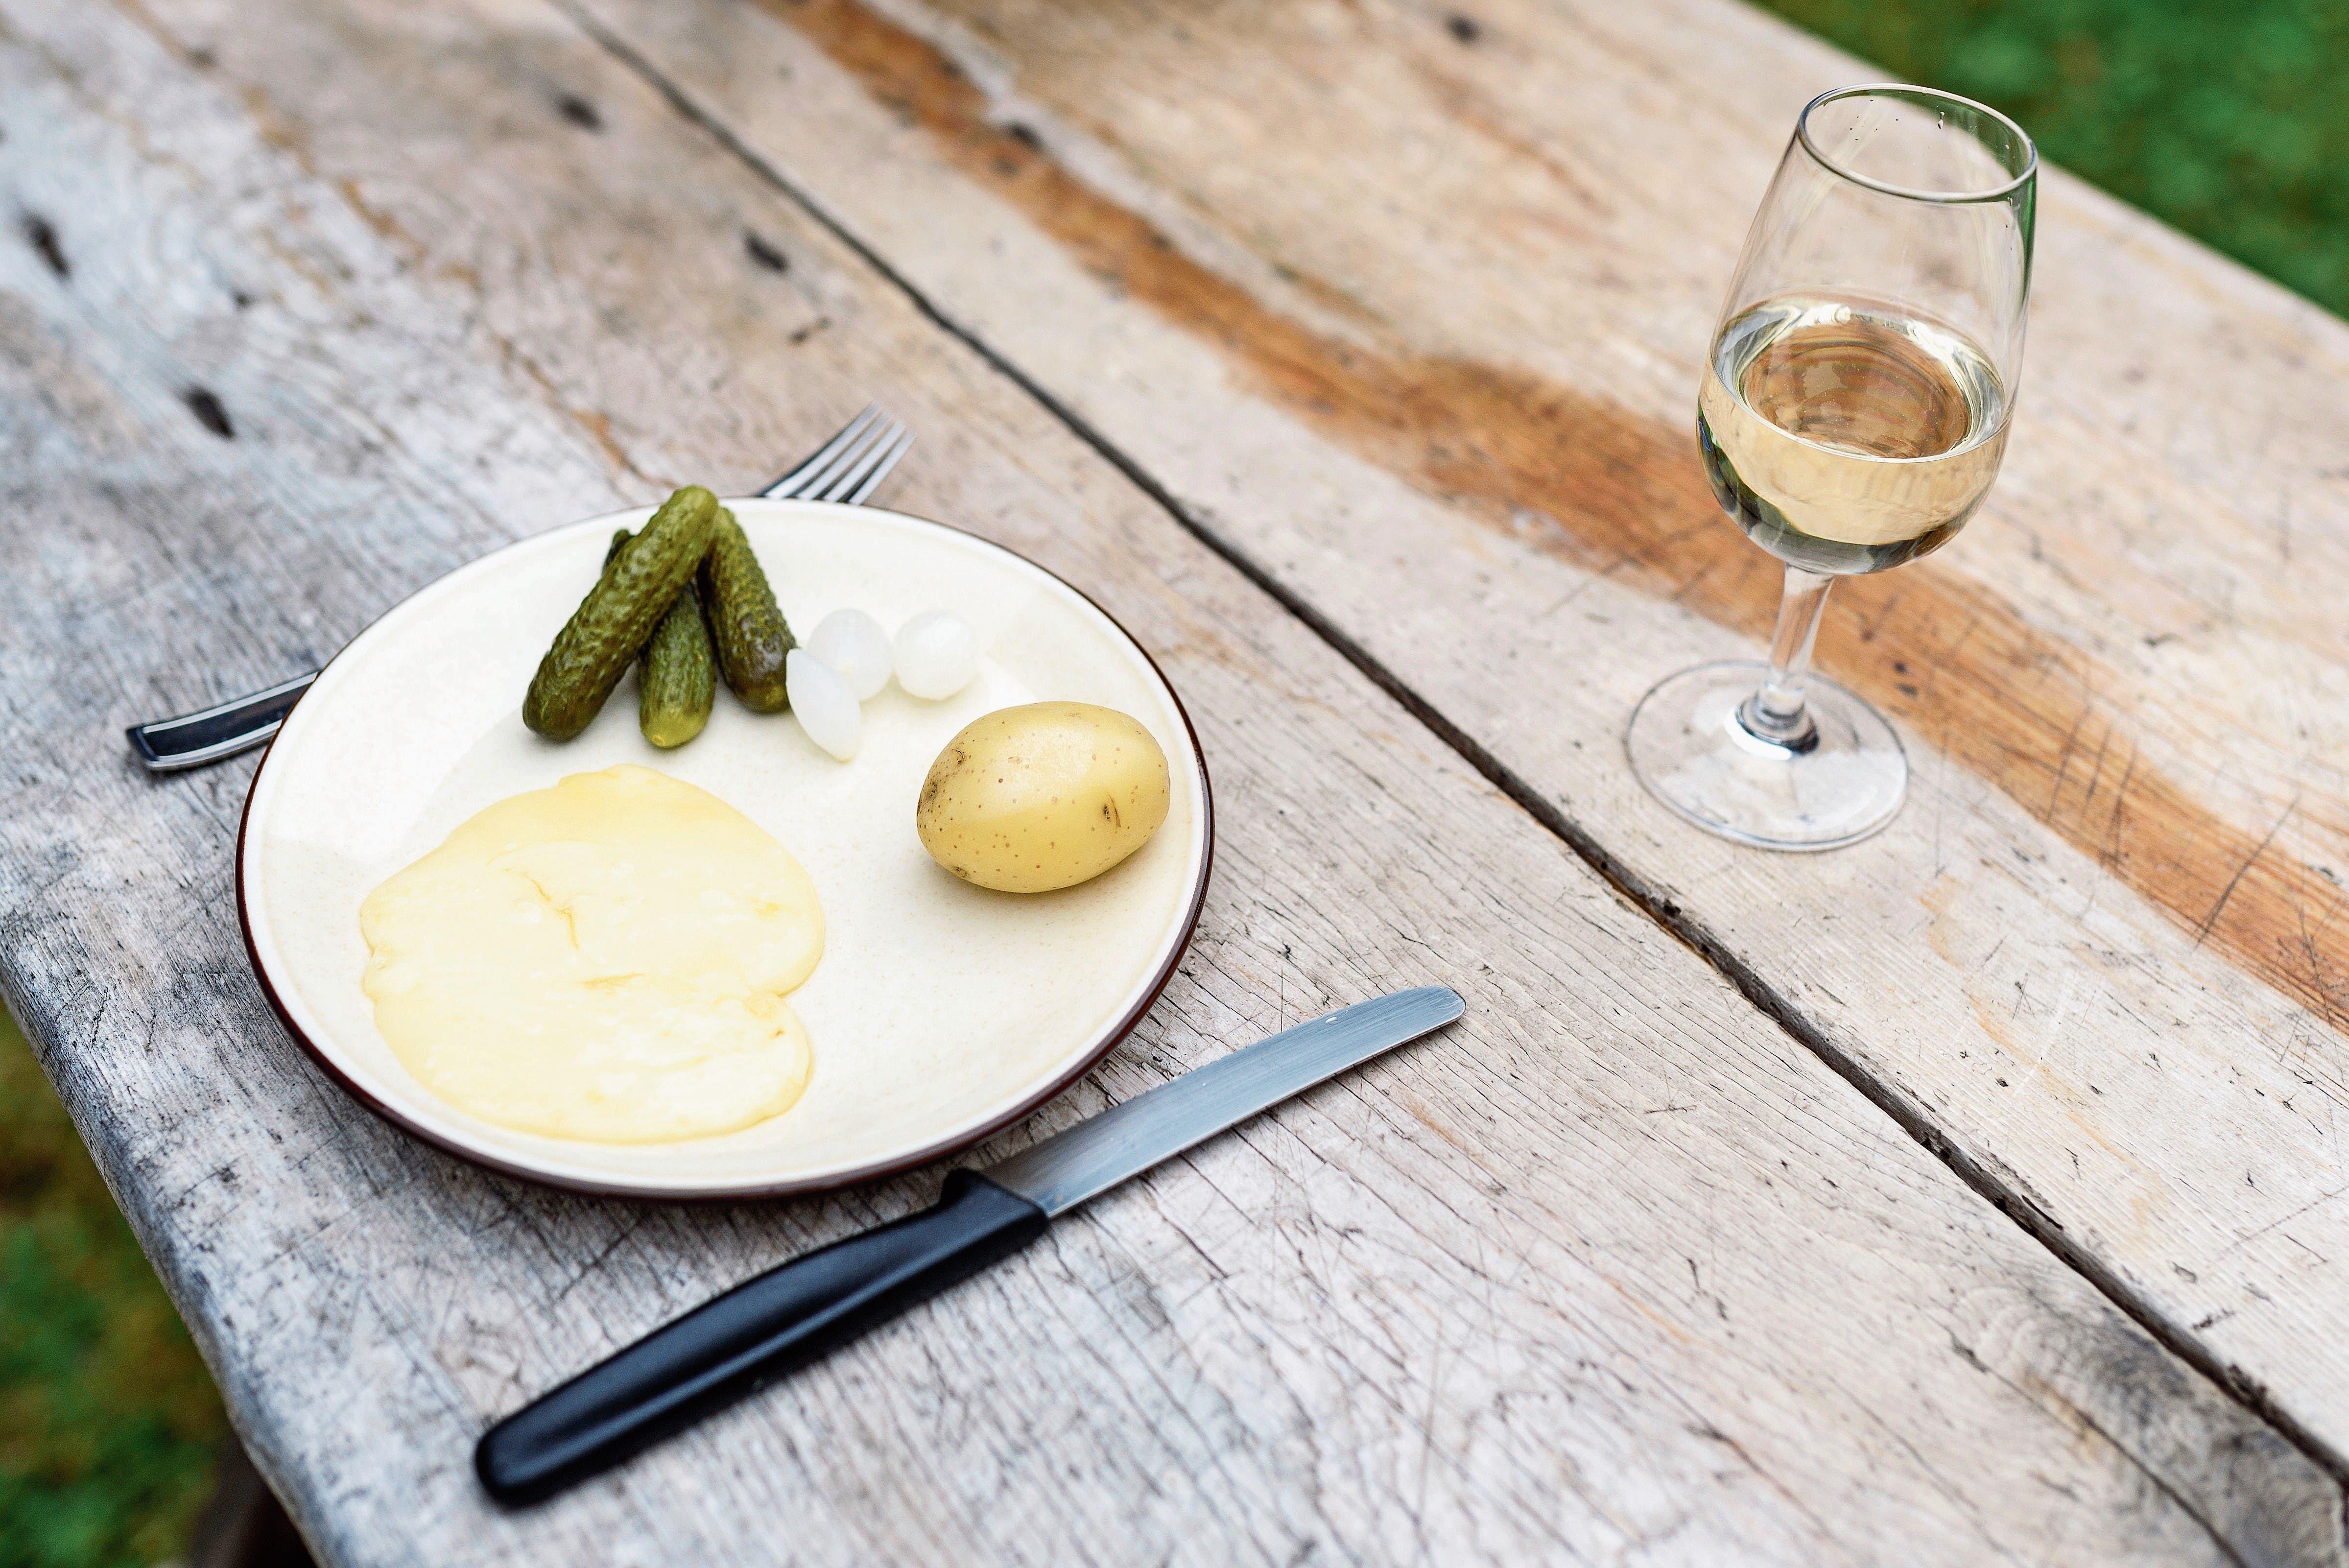 Racletterechner: Der Profi kalkuliert mit 300 g Raclette, 200 g Kartoffeln, je 100 g Cornichons und Silberzwiebeln pro Person. (Bild: PD)